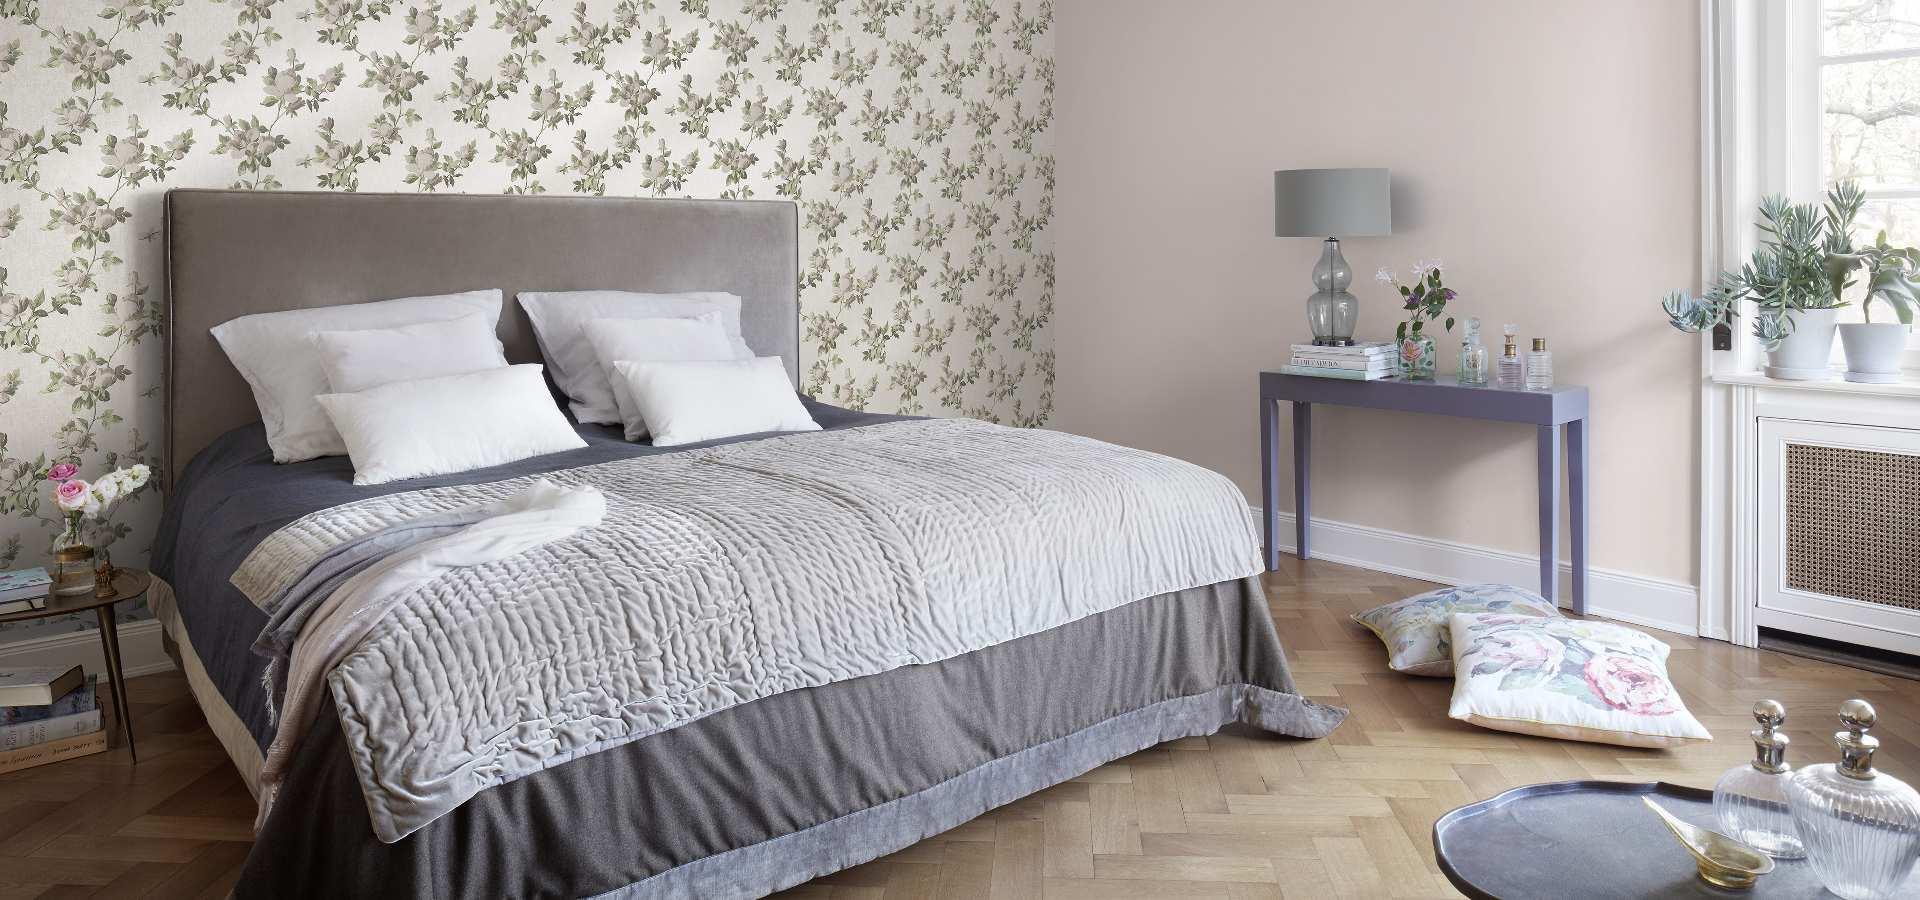 Bild Schlafzimmer Tapete klassisch floral